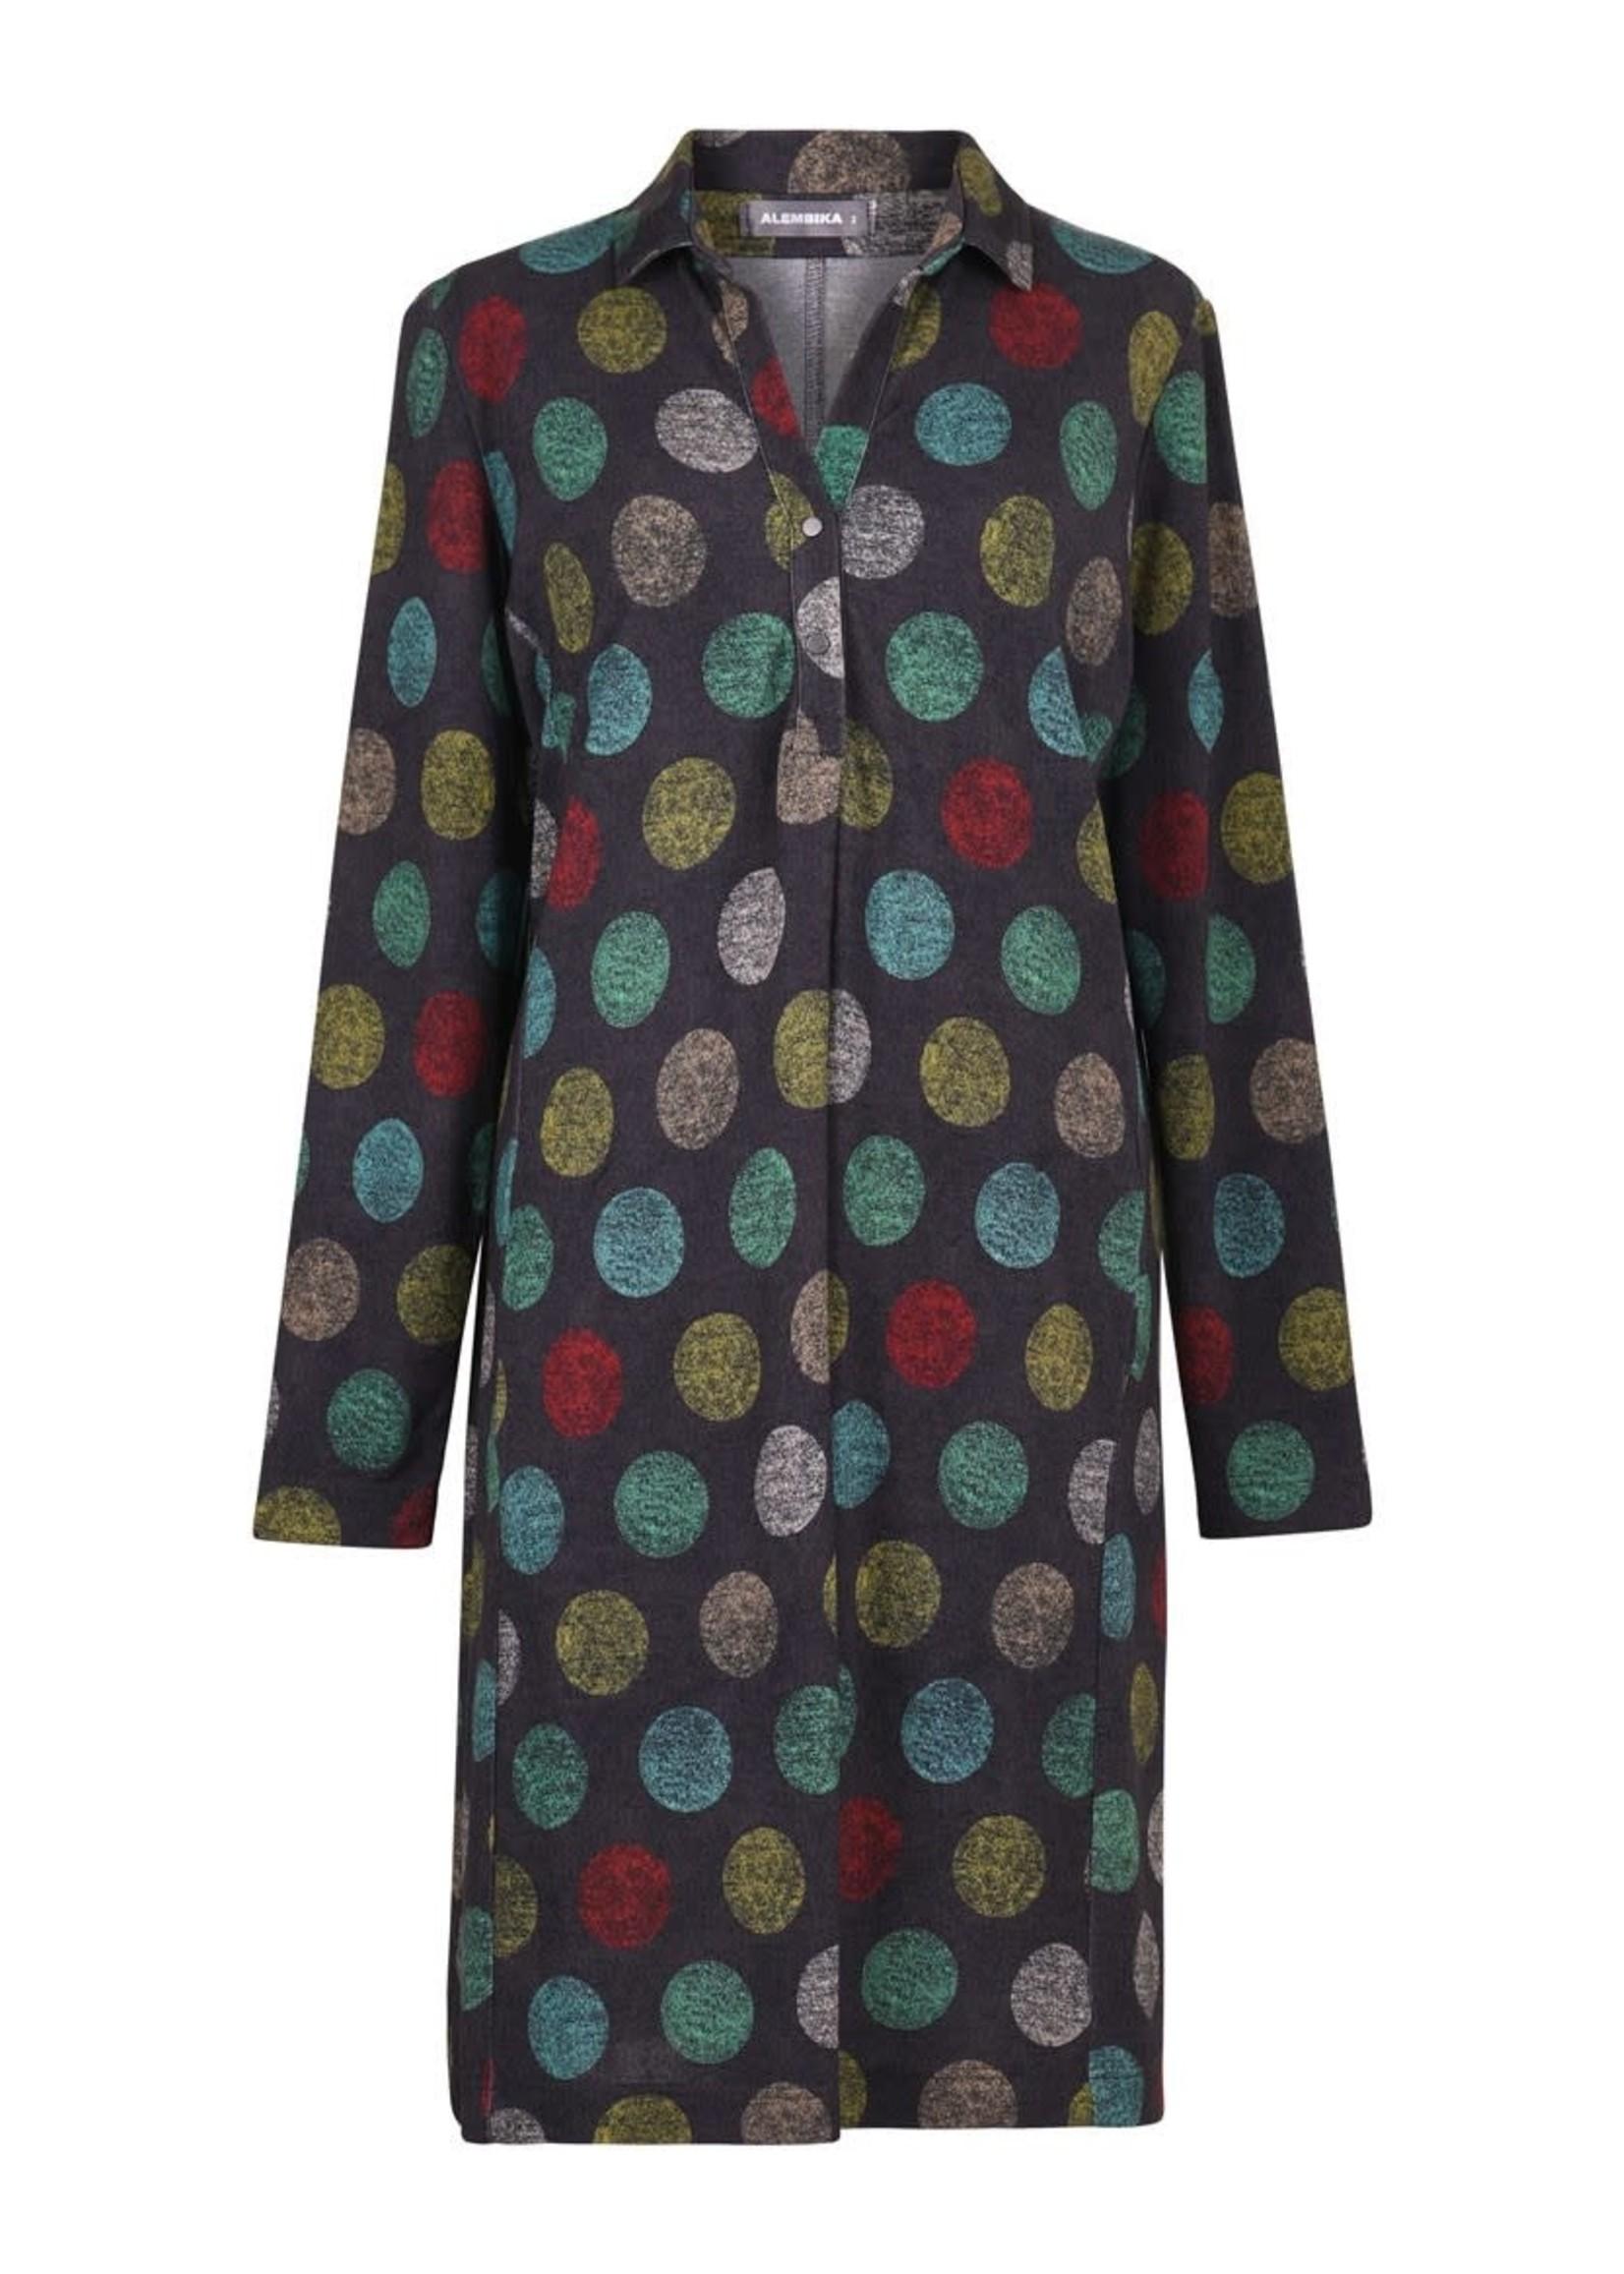 ALEMBIKA ad607t dress